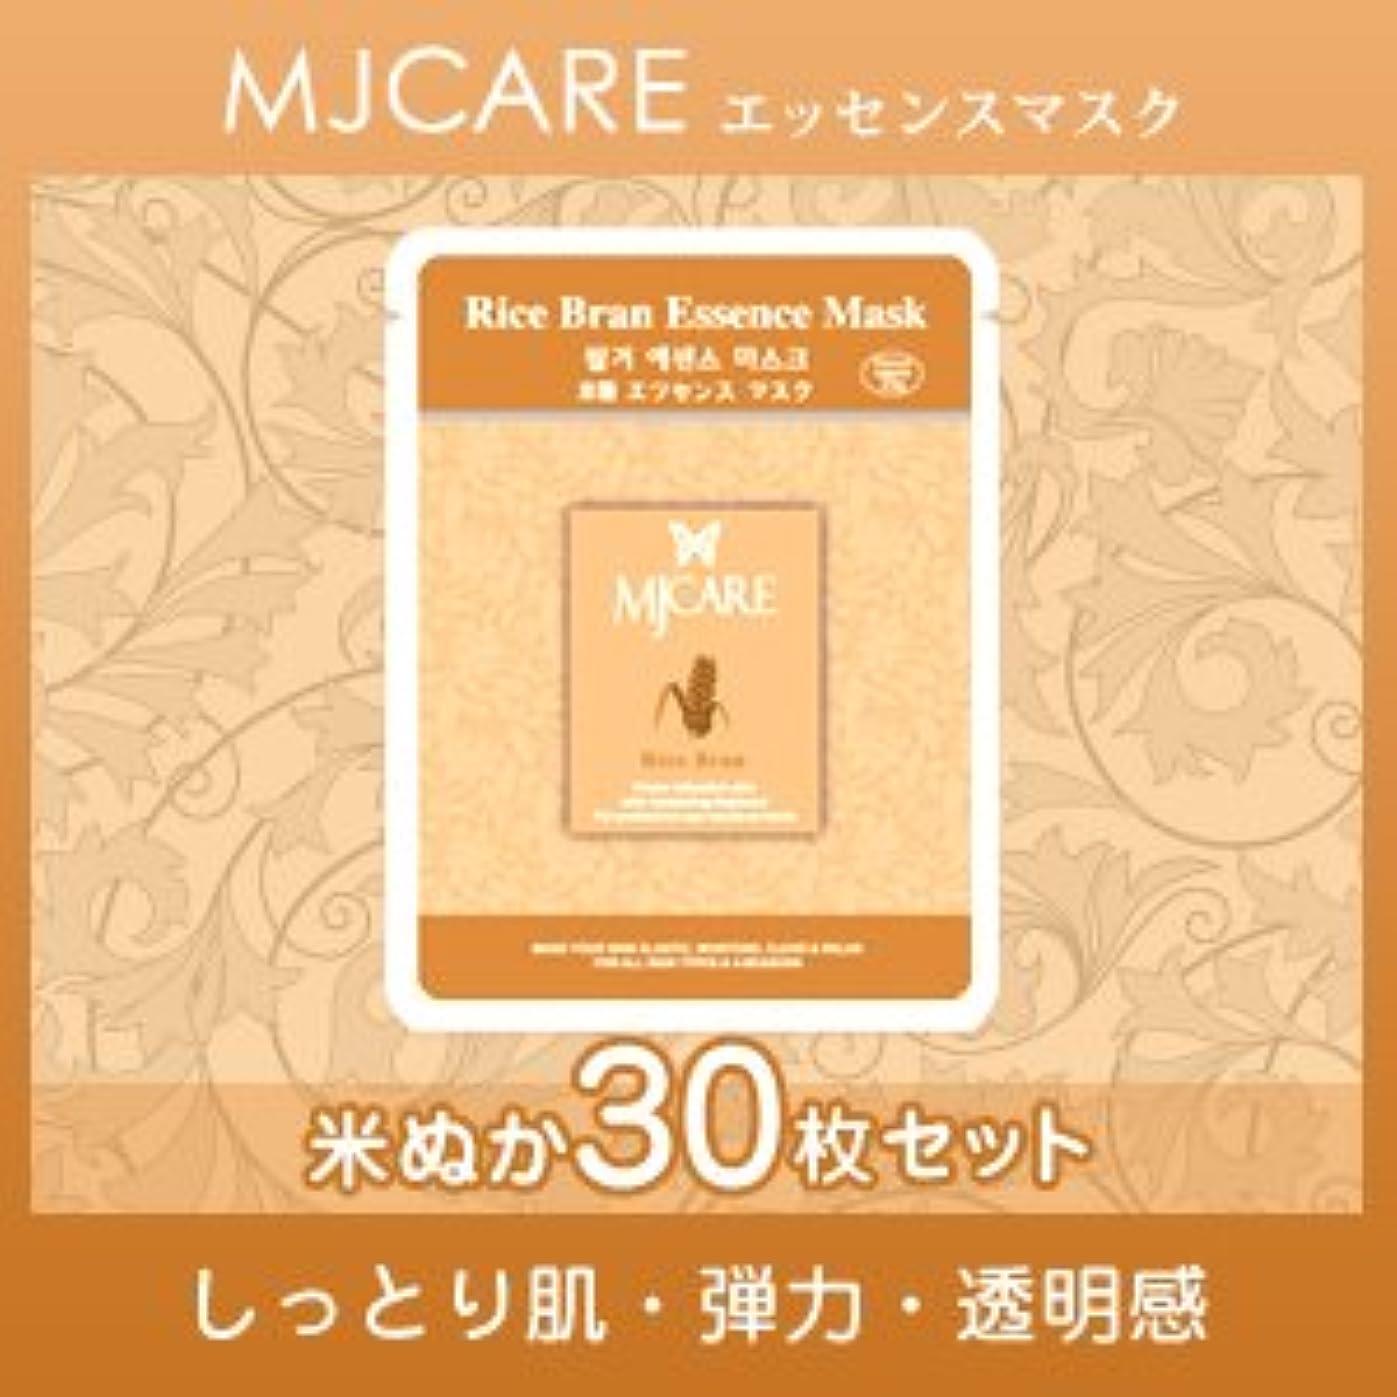 マトリックス厚い手配するMJCARE (エムジェイケア) 米ぬか エッセンスマスク 30セット